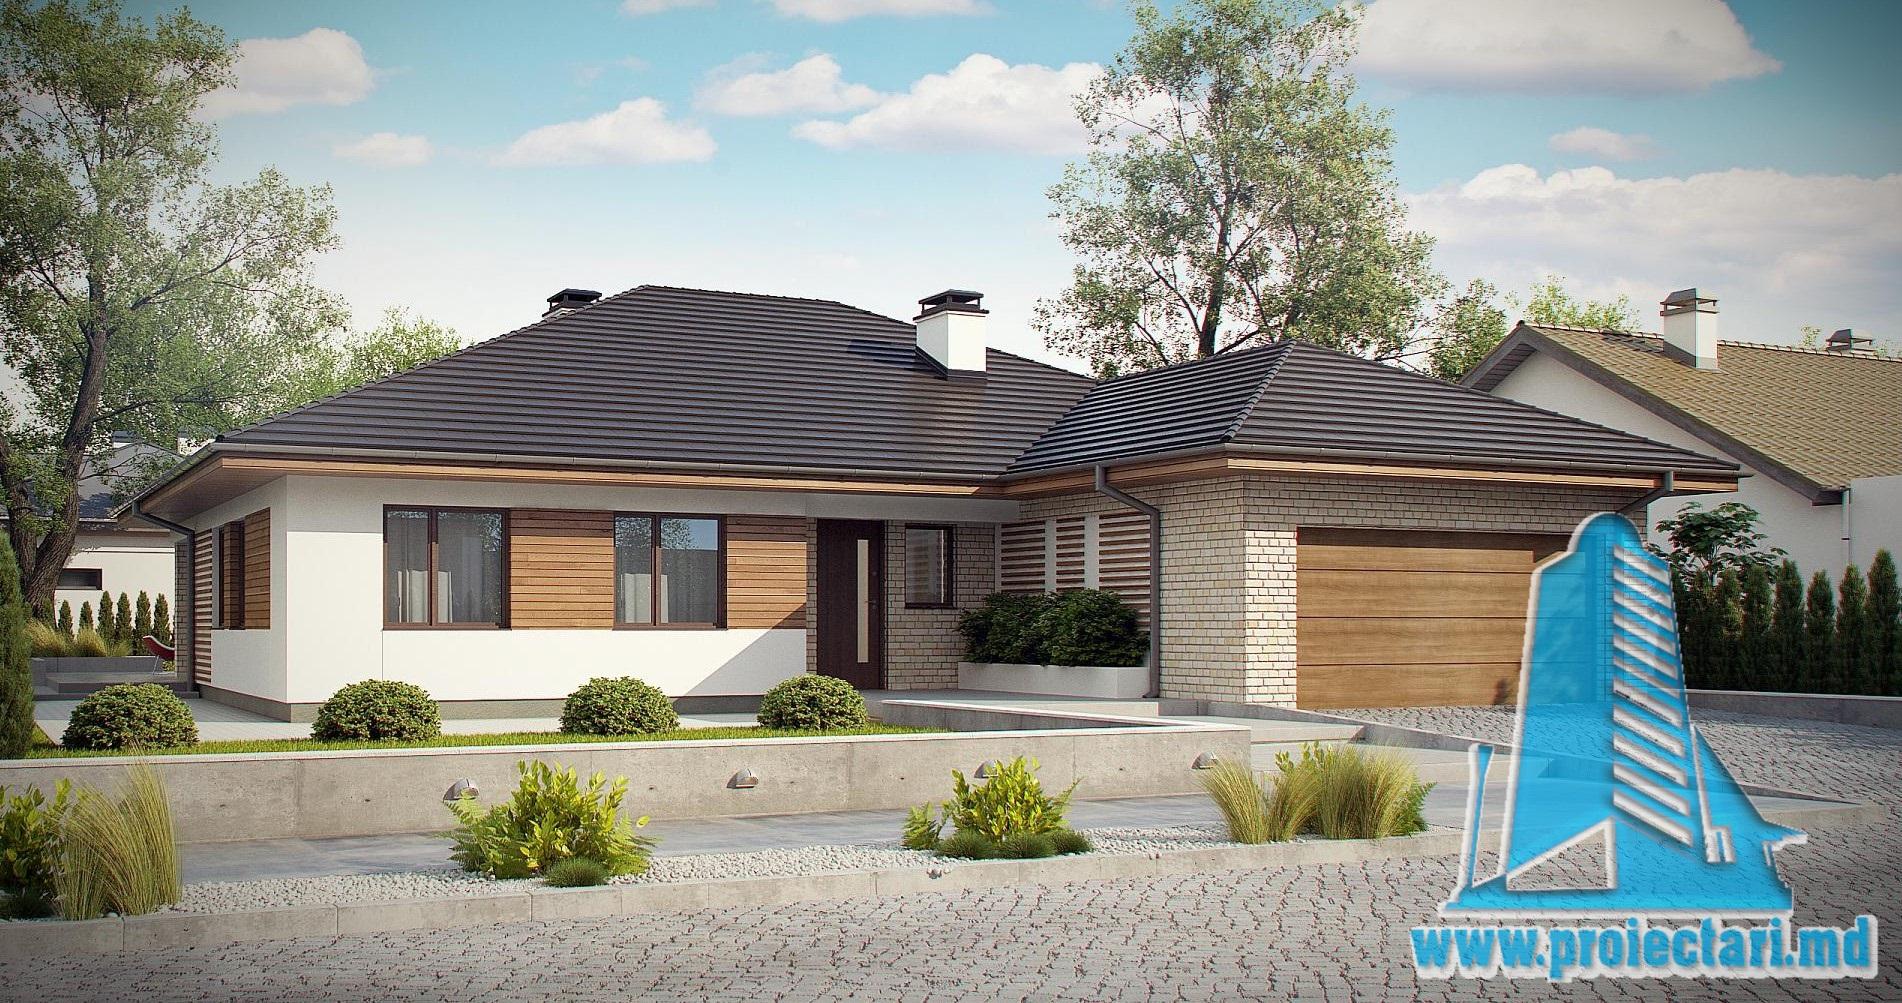 Proiect de casa cu parter, acoperis din tigla ceramica si garaj pentru doua automobile-200m2- 100980